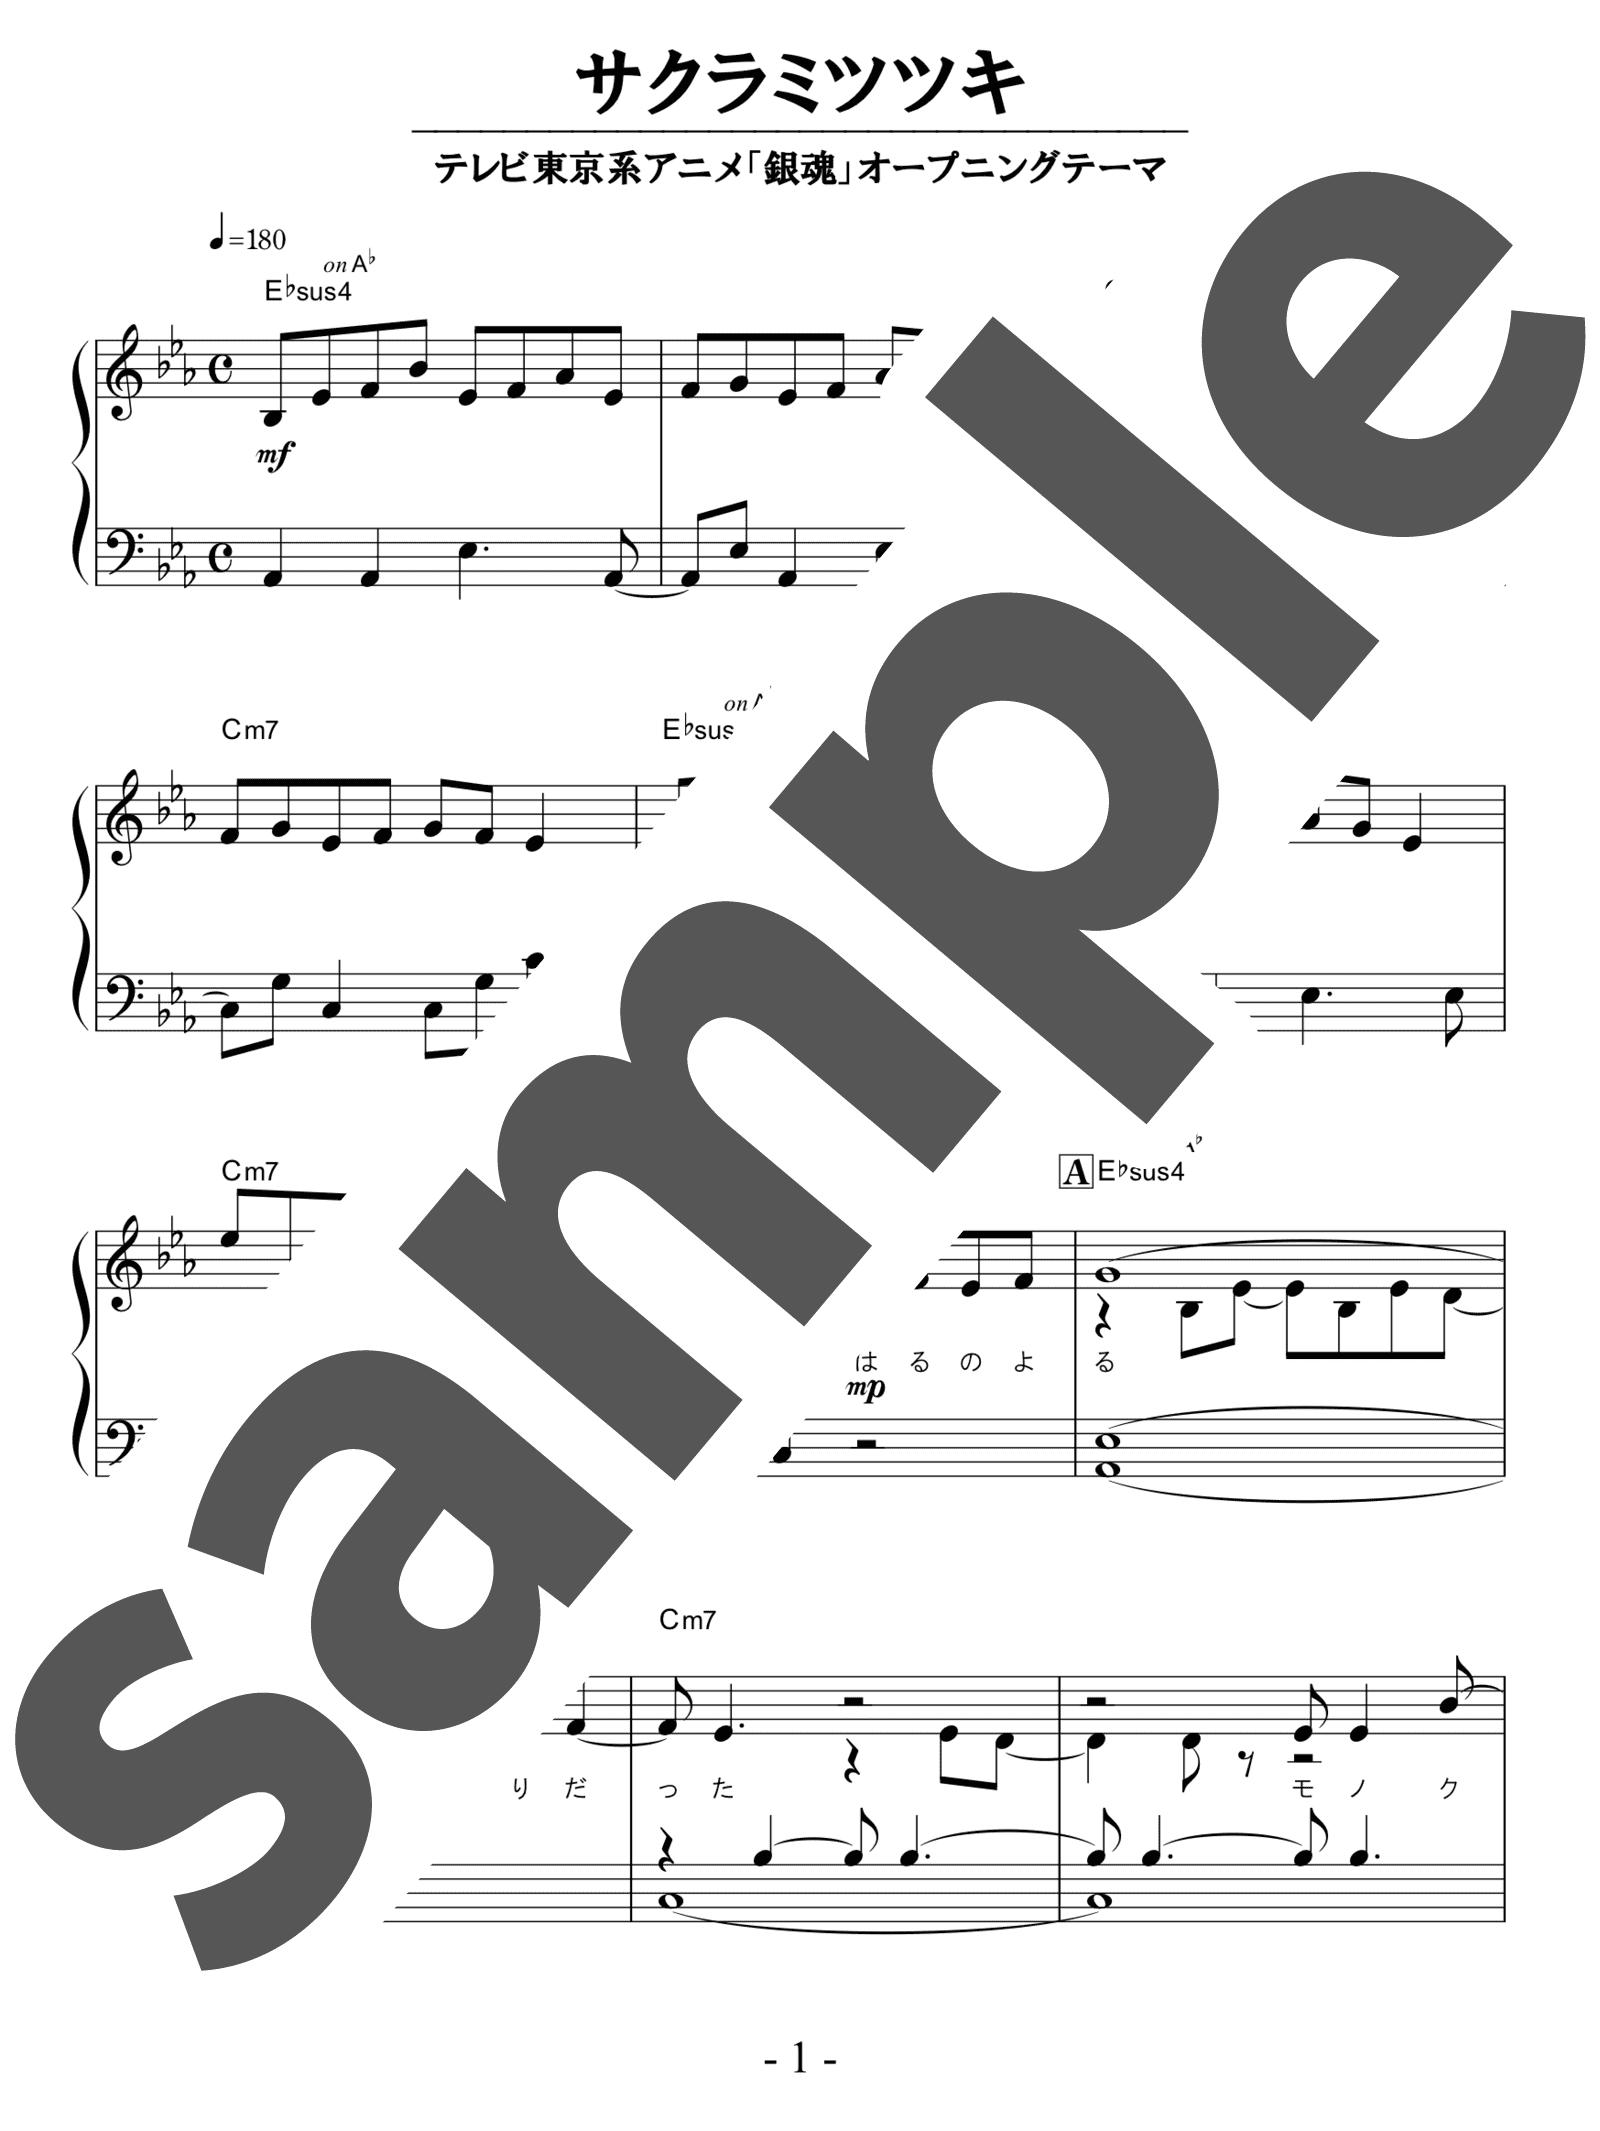 「サクラミツツキ」のサンプル楽譜